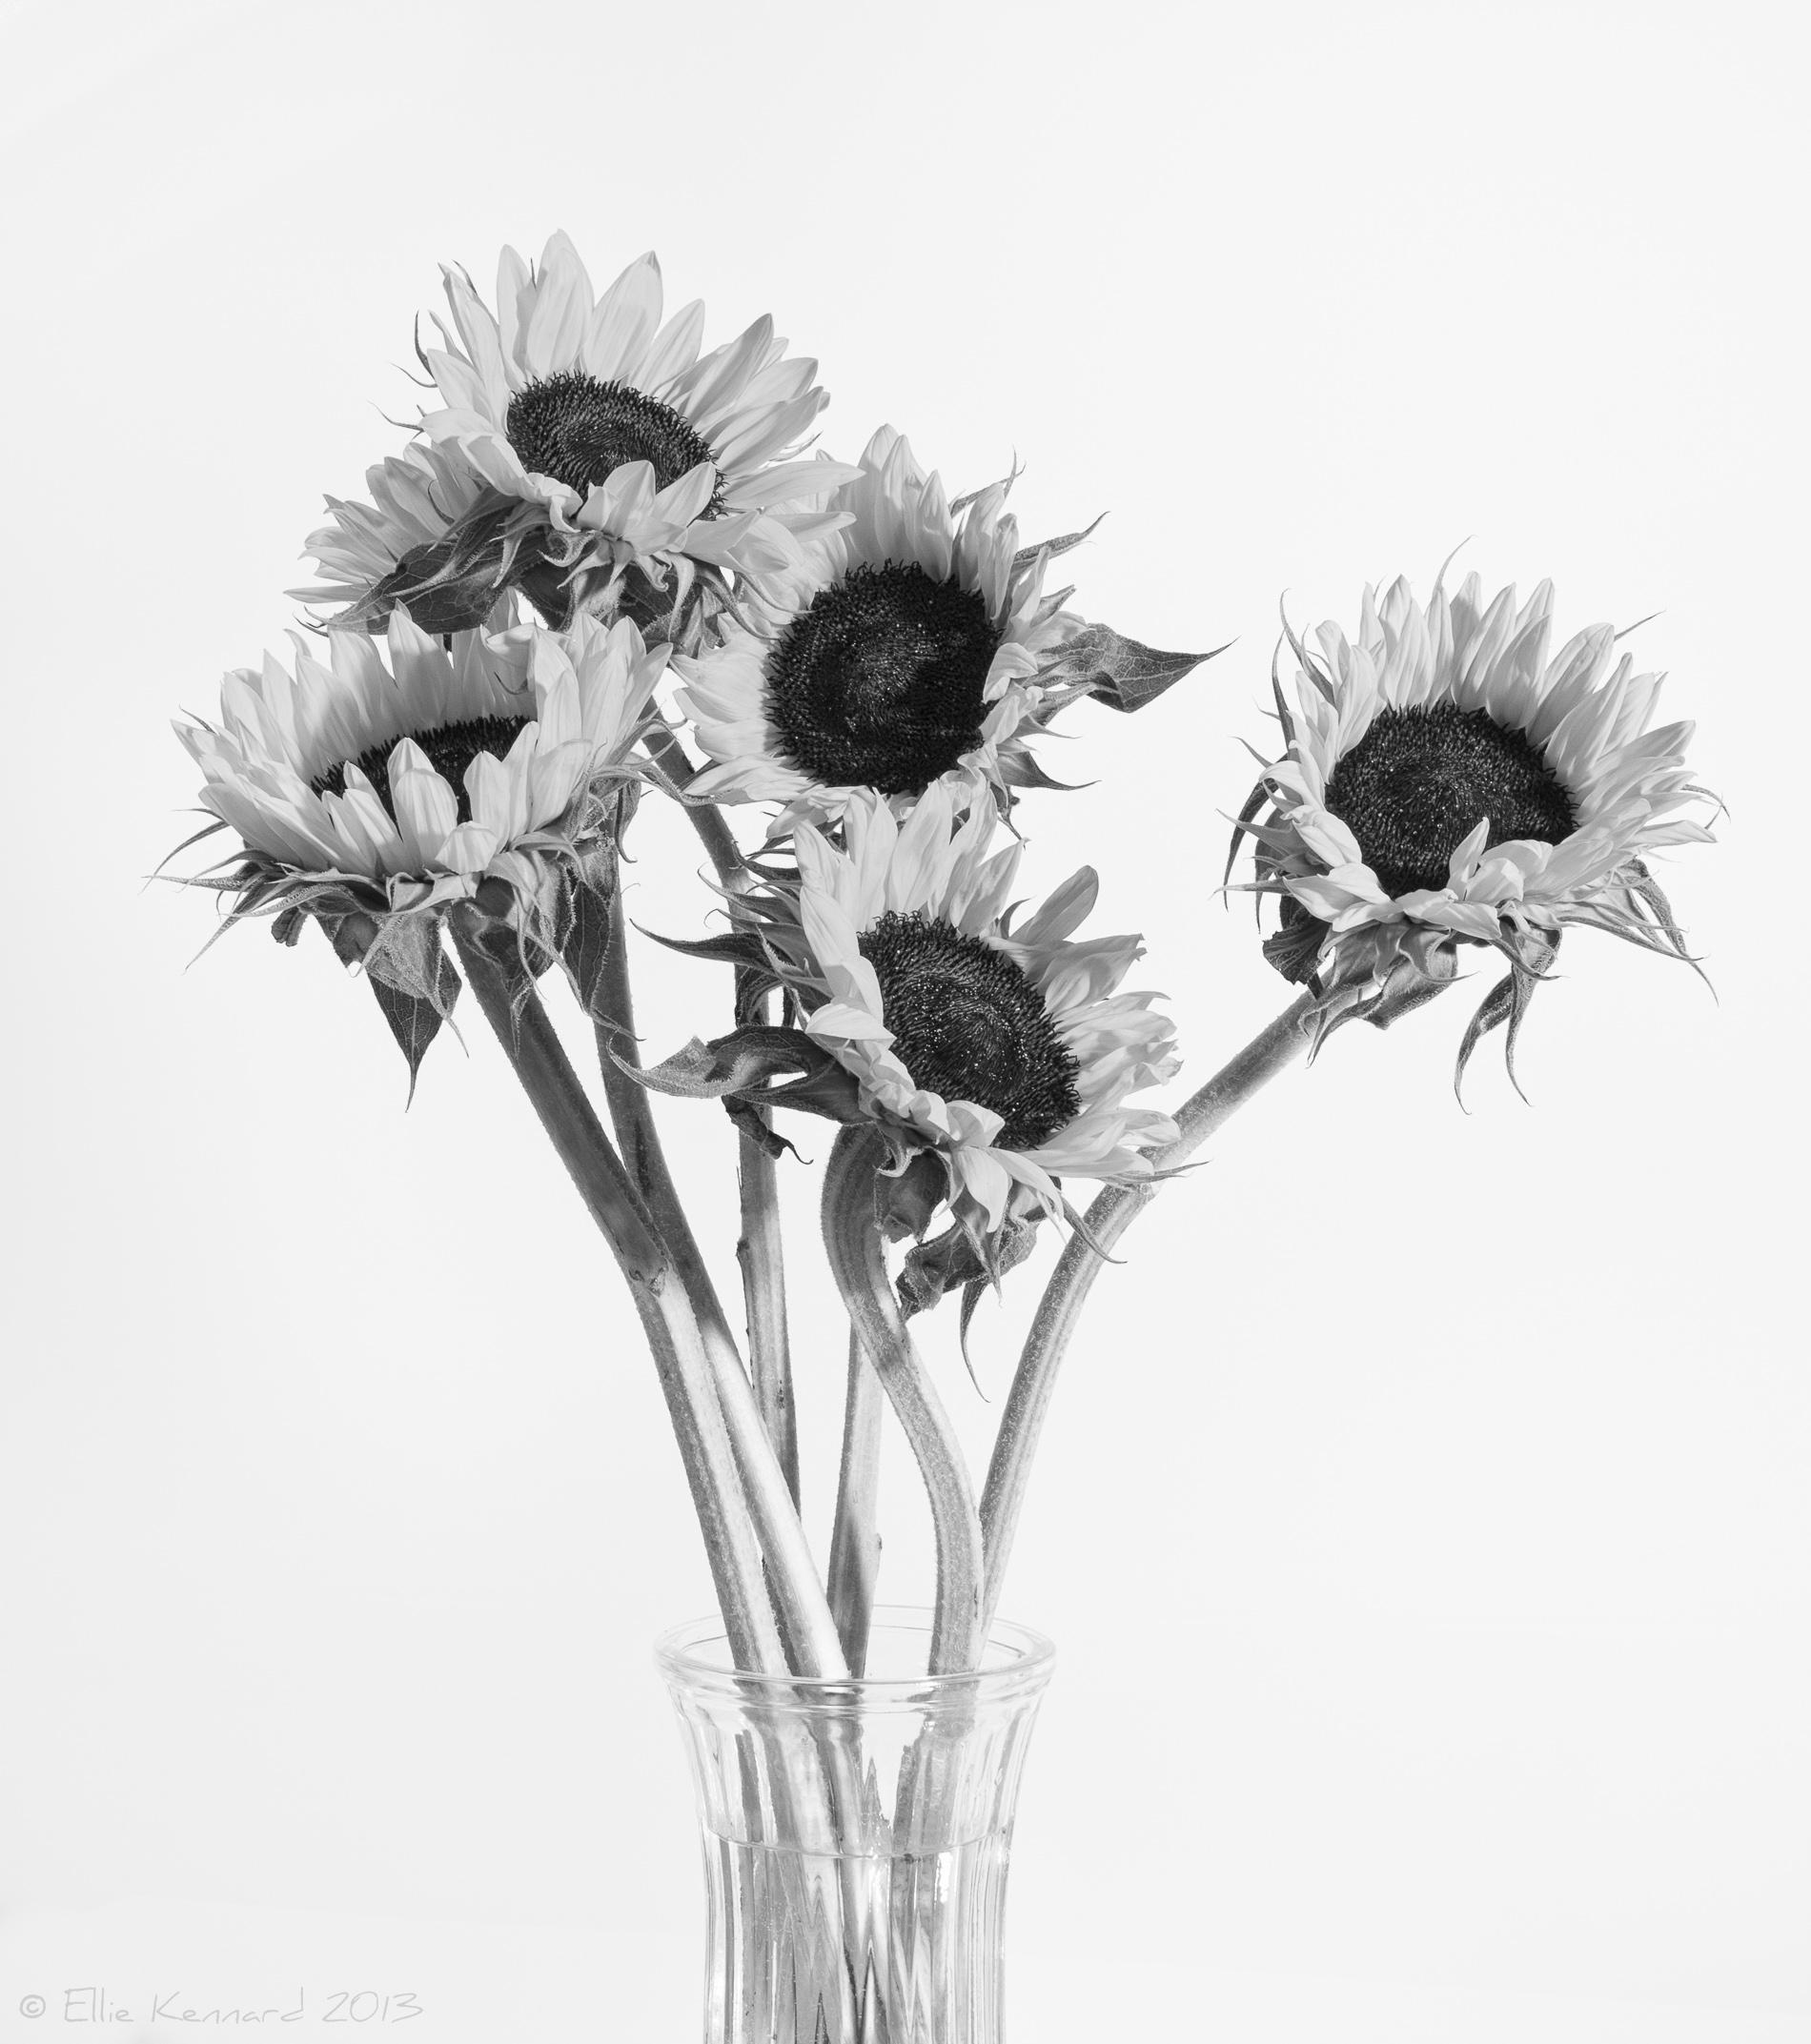 On White - Ellie Kennard 2013